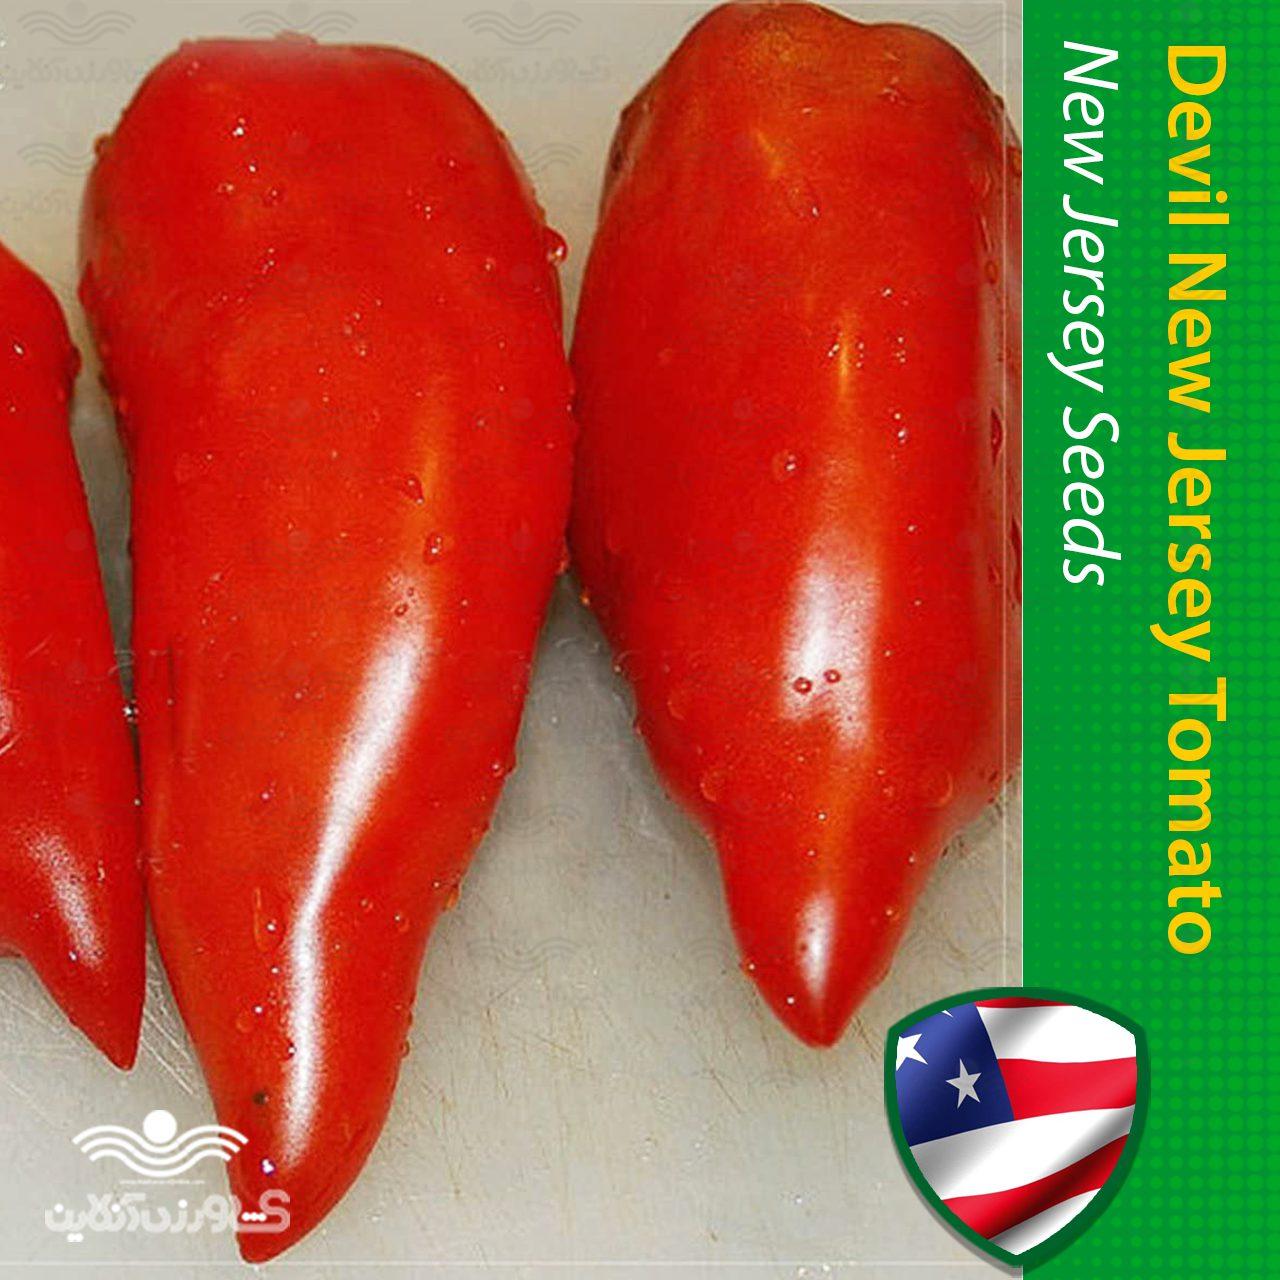 بذر گوجه فرنگی نیو جرسی آمریکایی اورجینال